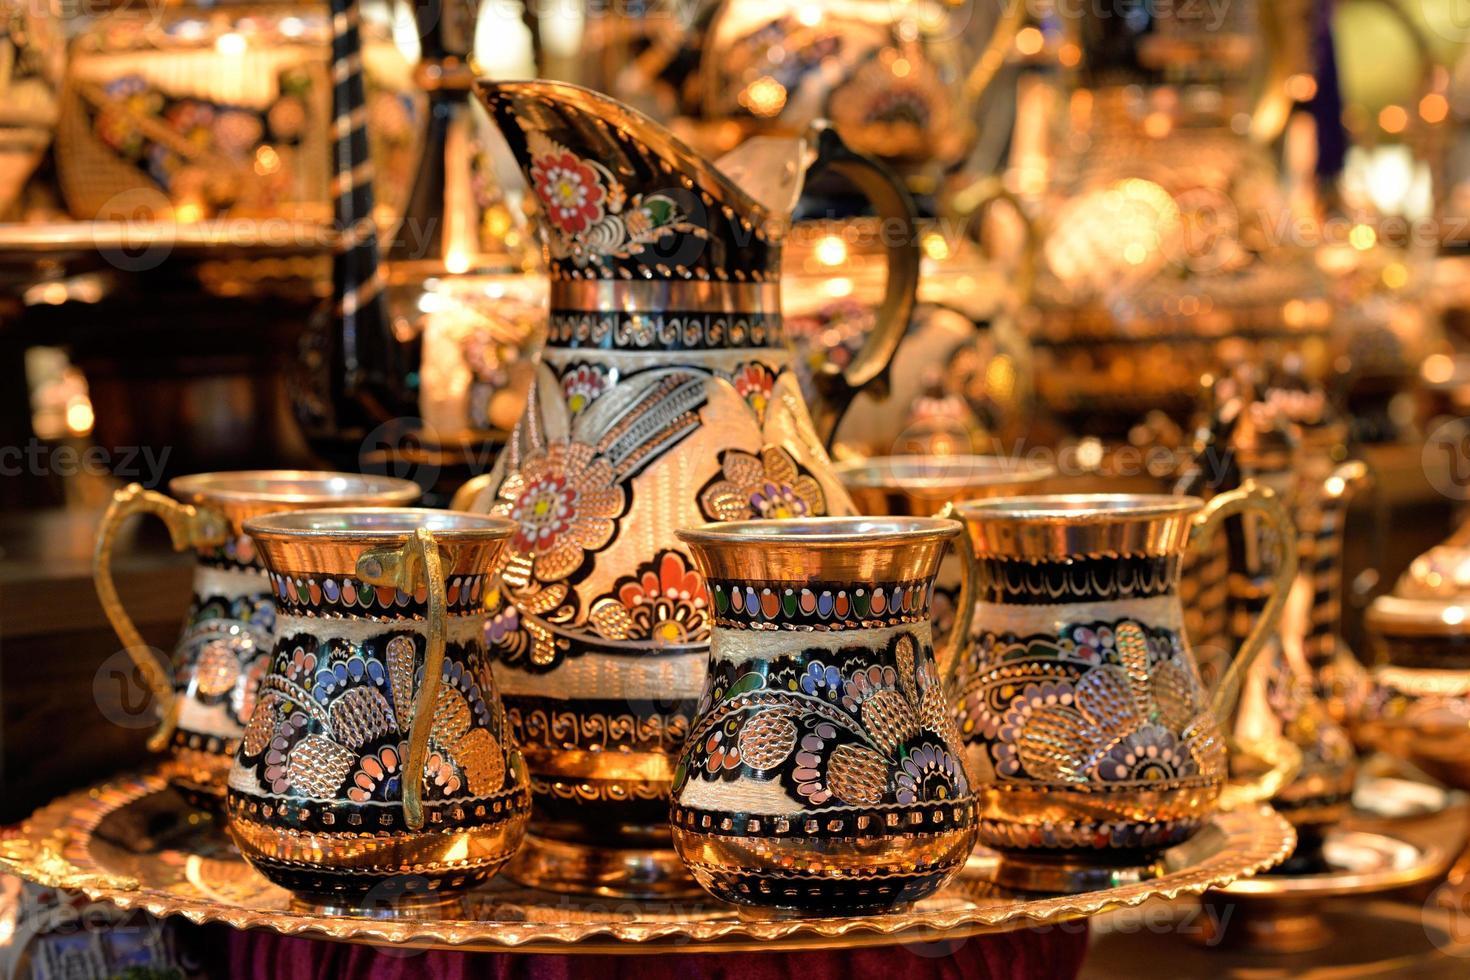 grupo de bule de chá turco tradicional no grande bazar, Istambul. foto